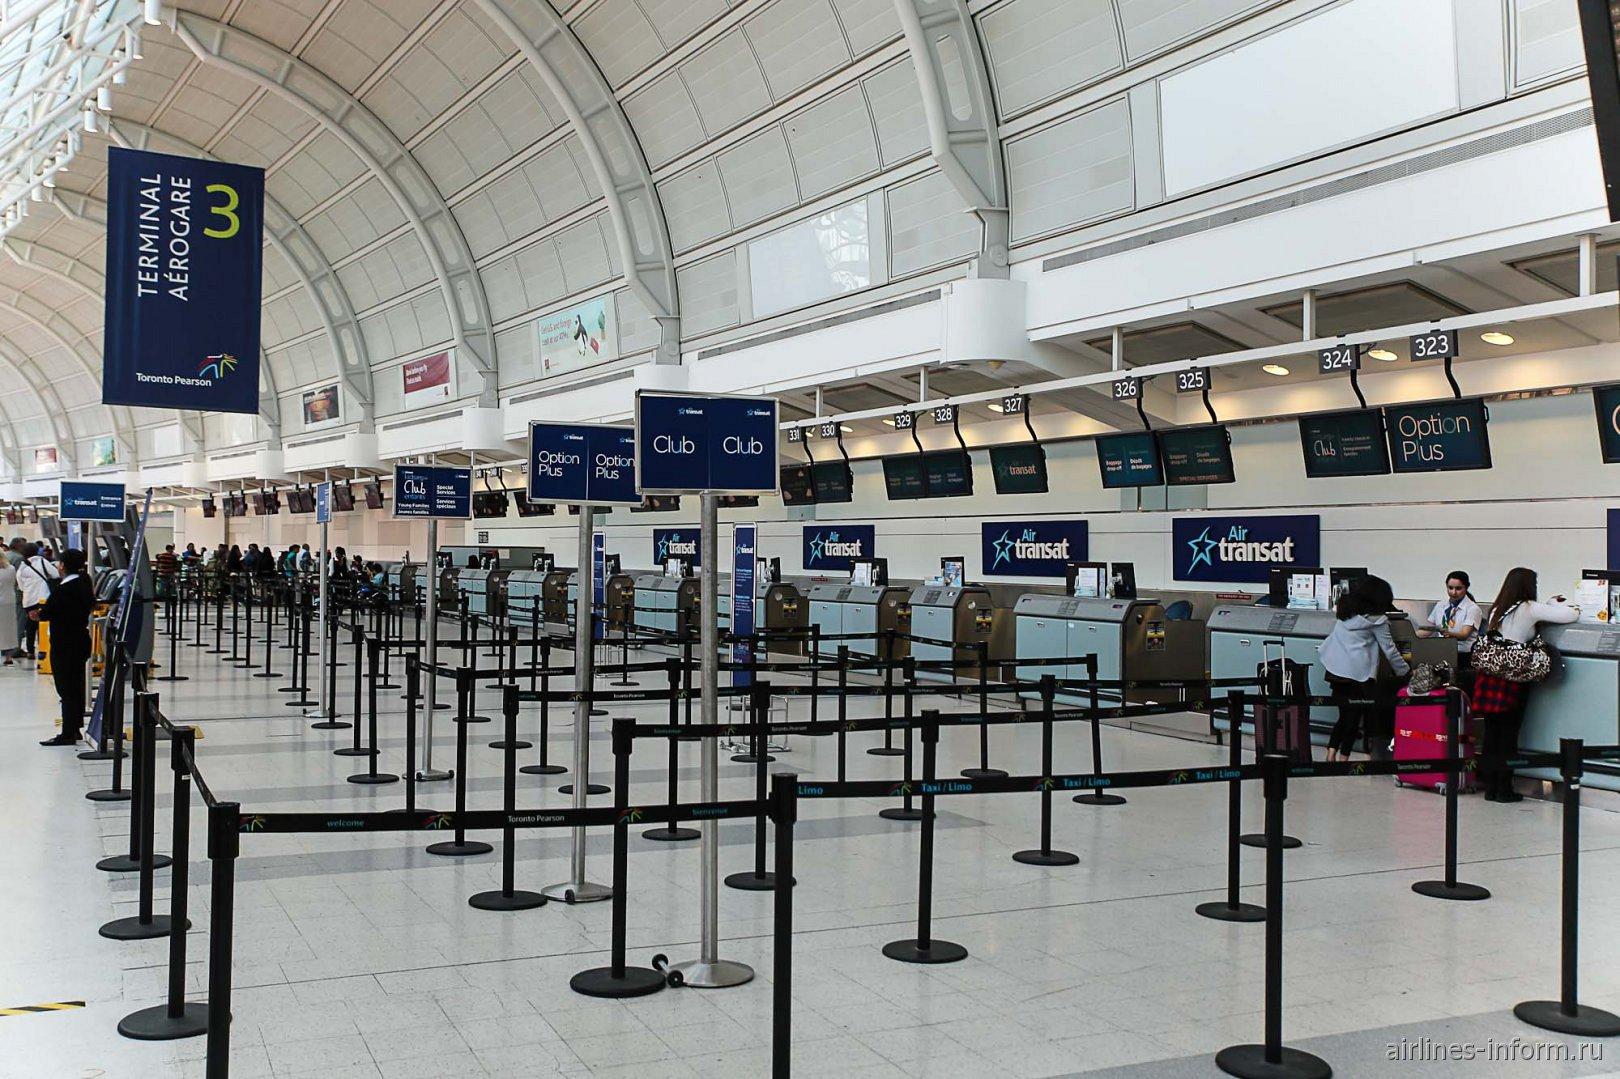 Зона регистрации авиакомпании Air Transat в терминале 3 аэропорта Торонто Пирсон